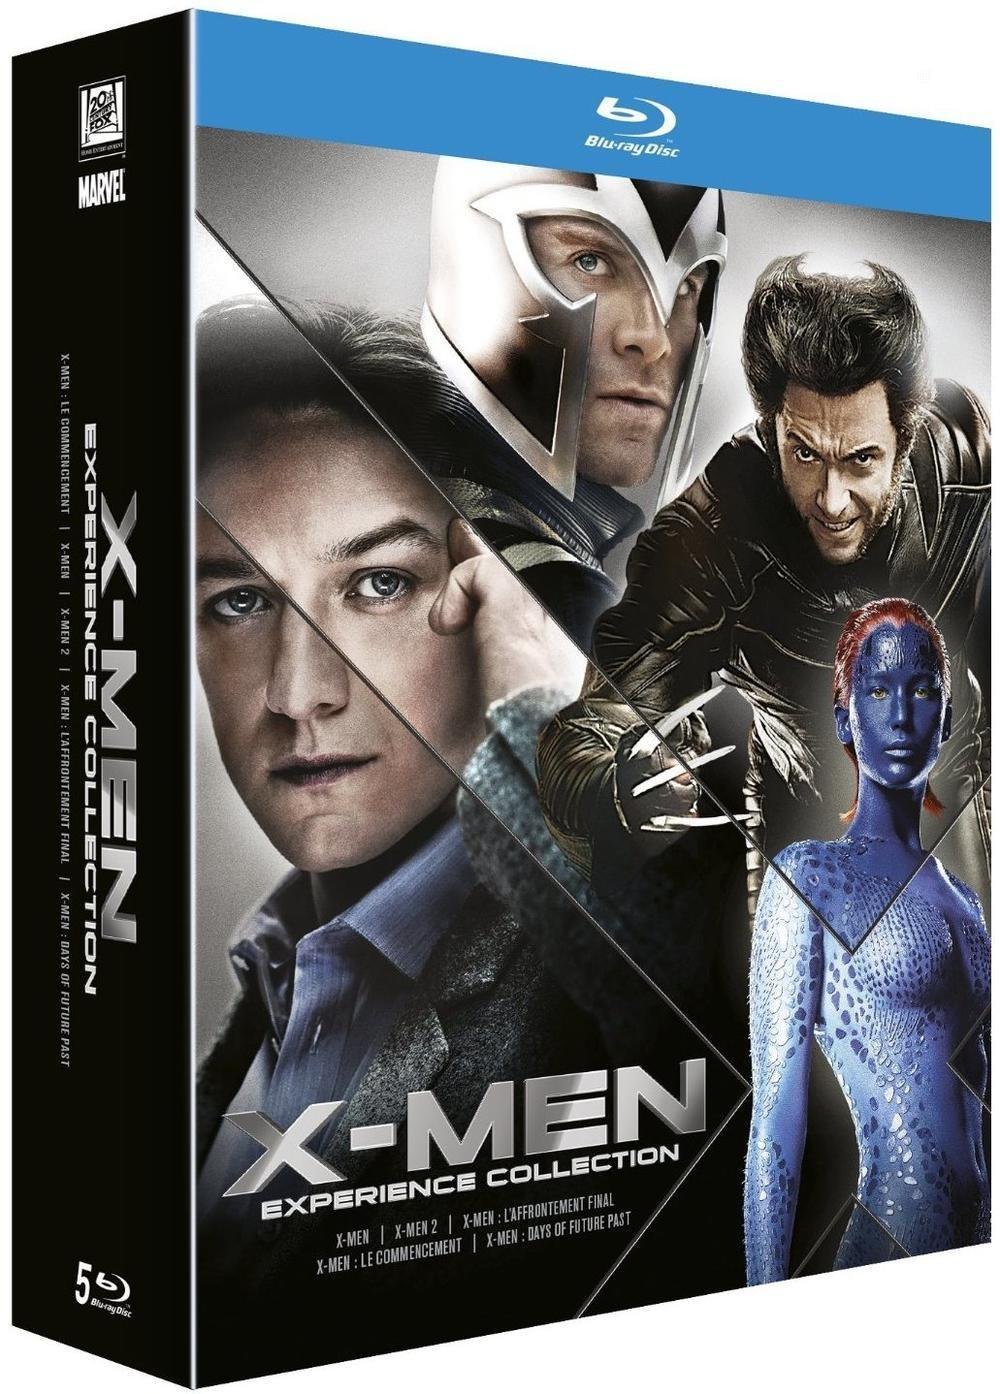 Coffret Blu-ray : X-men expérience Collection